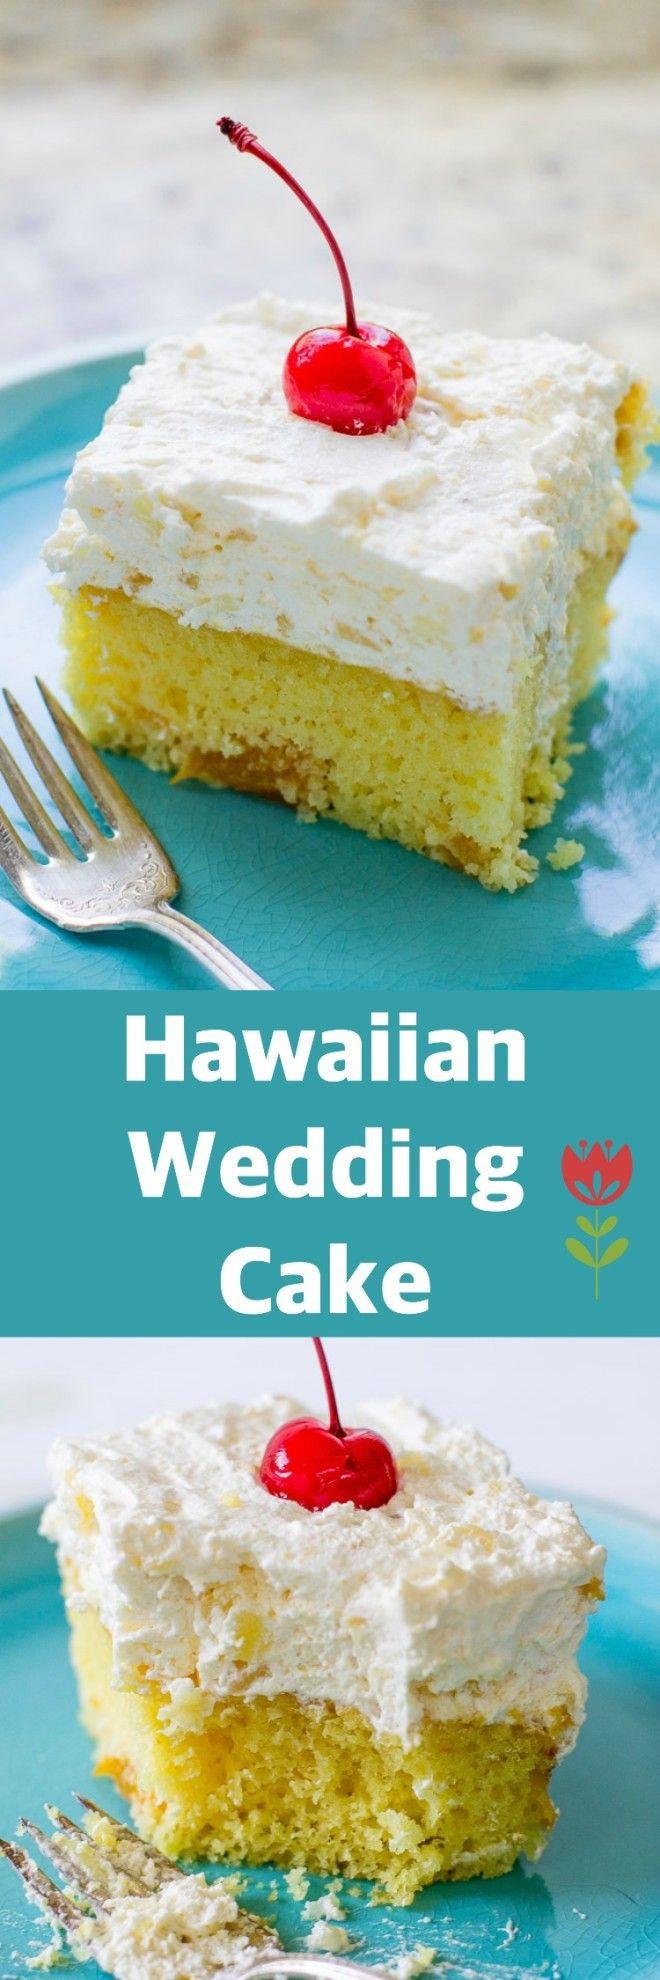 Hawaiian Wedding Cake Recipe  royal hawaiian wedding cake recipe